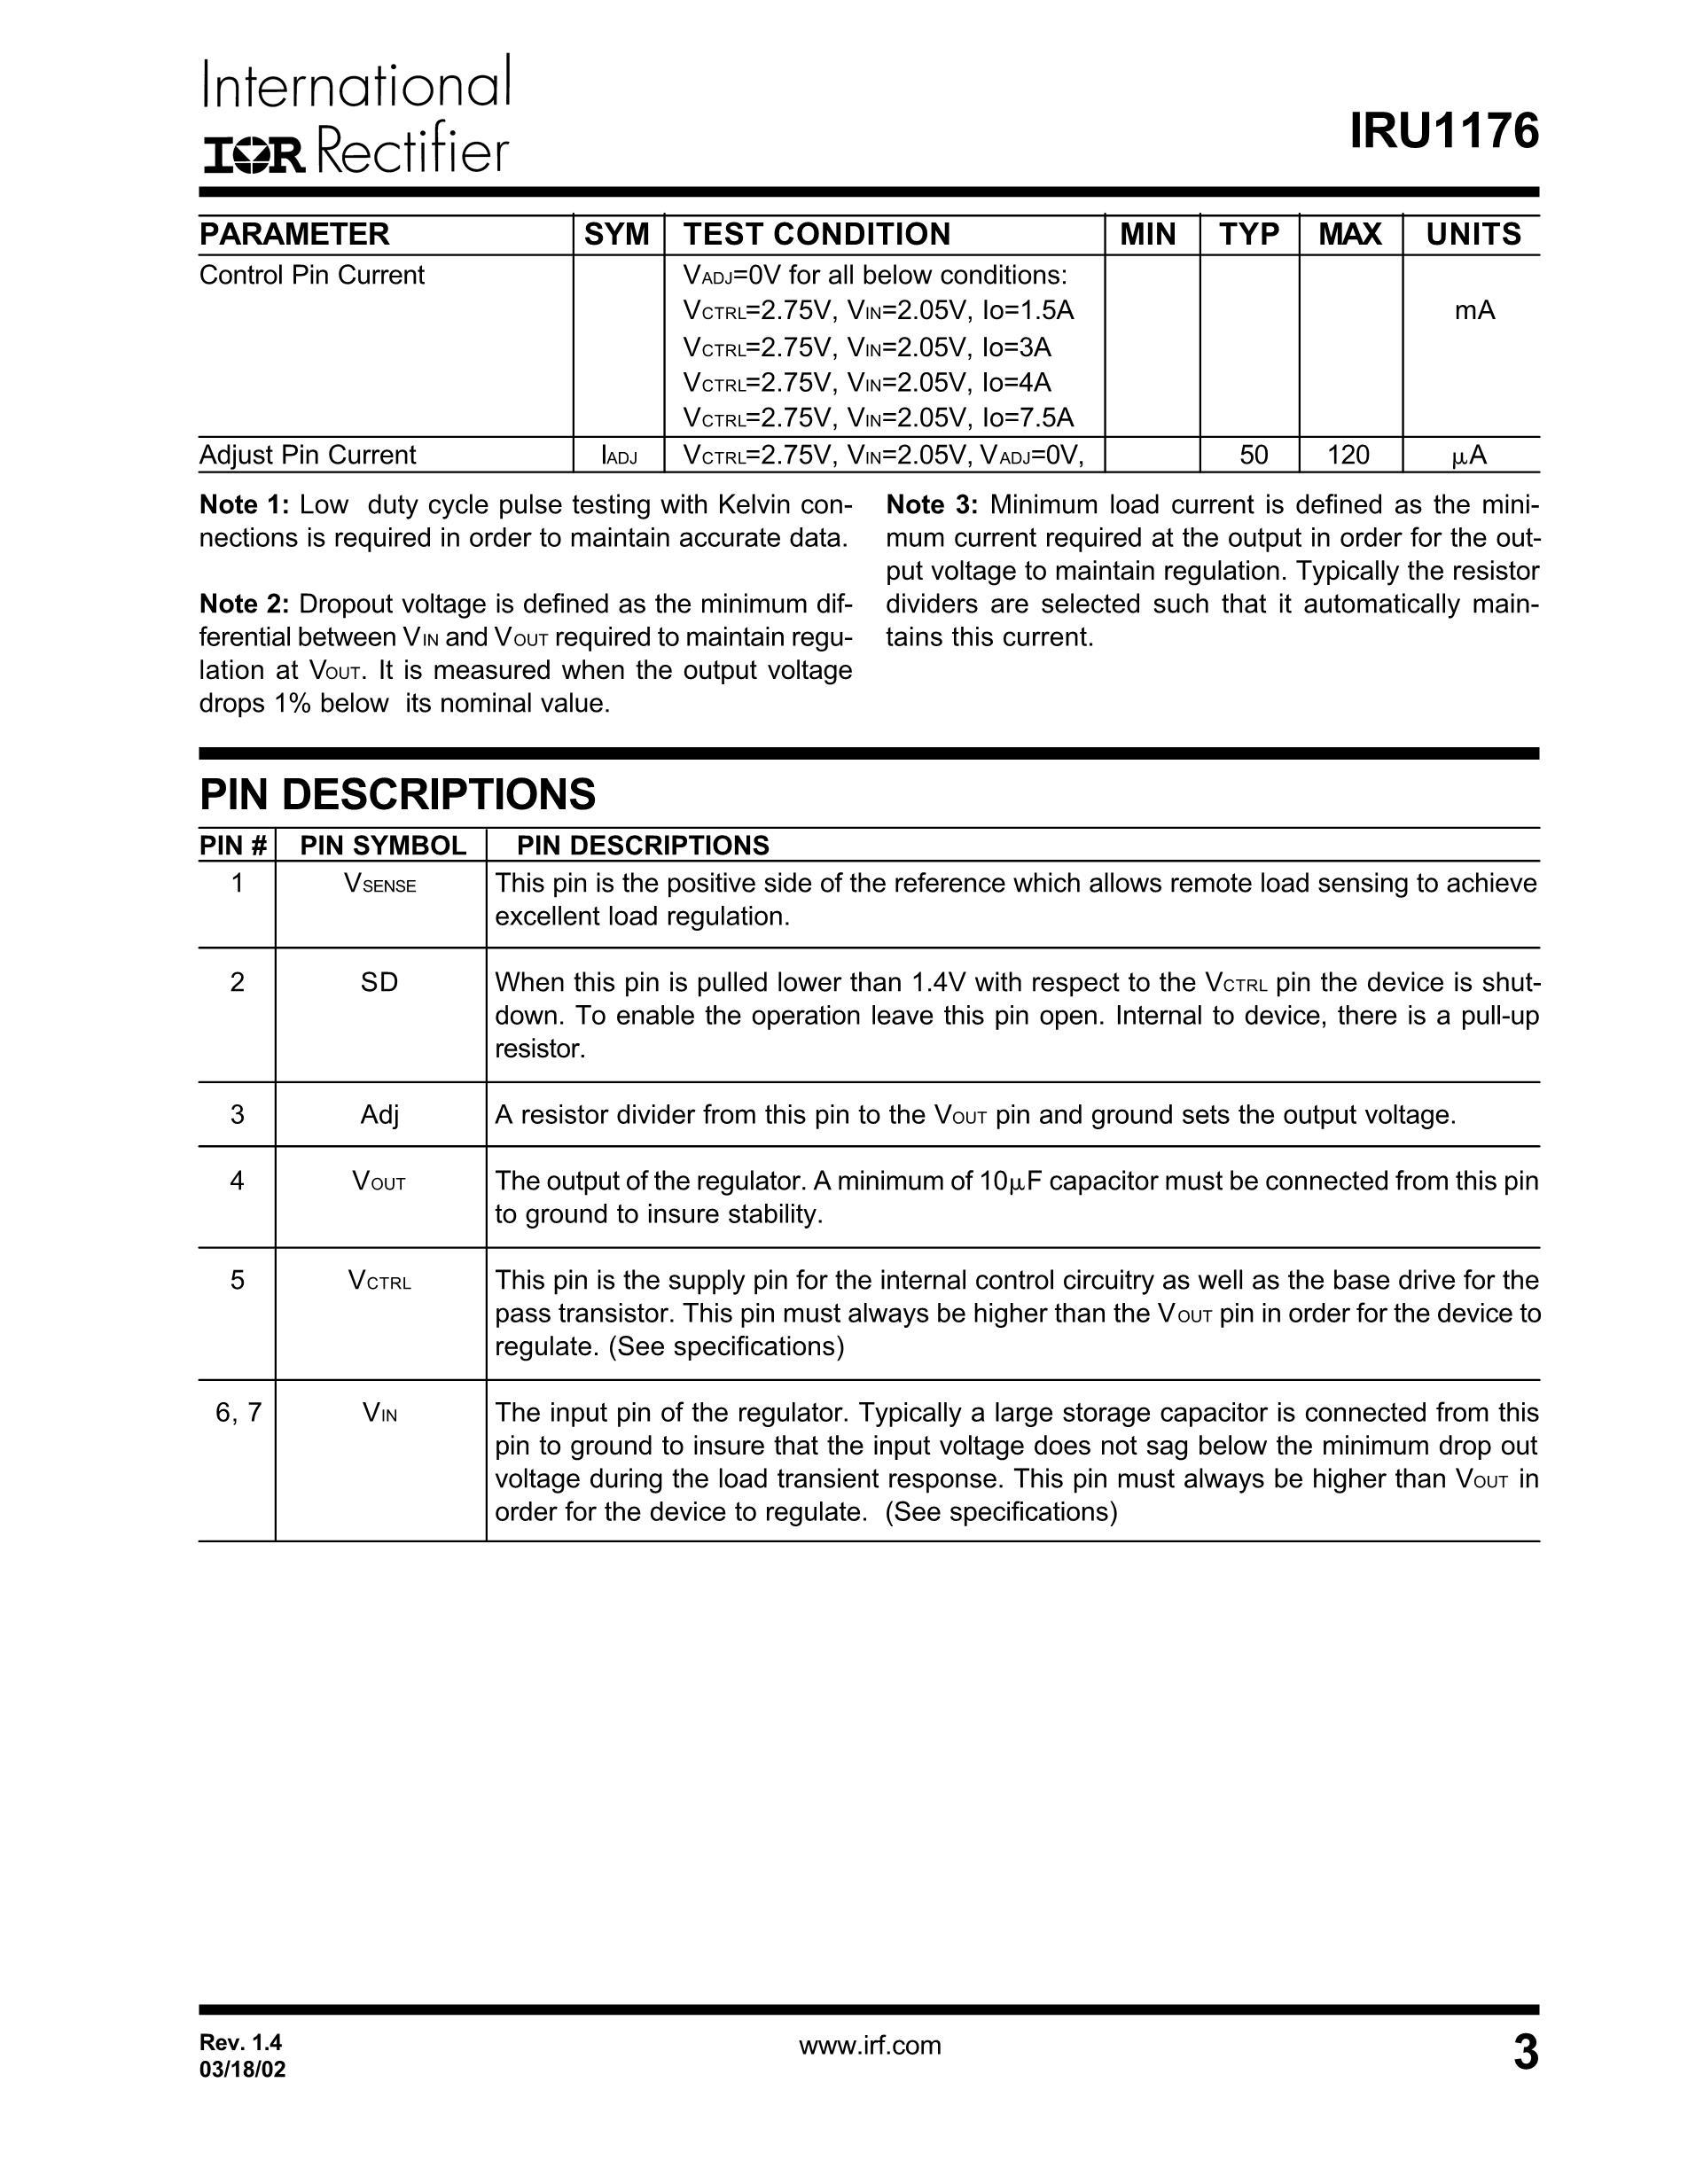 IRU1175CCM's pdf picture 3